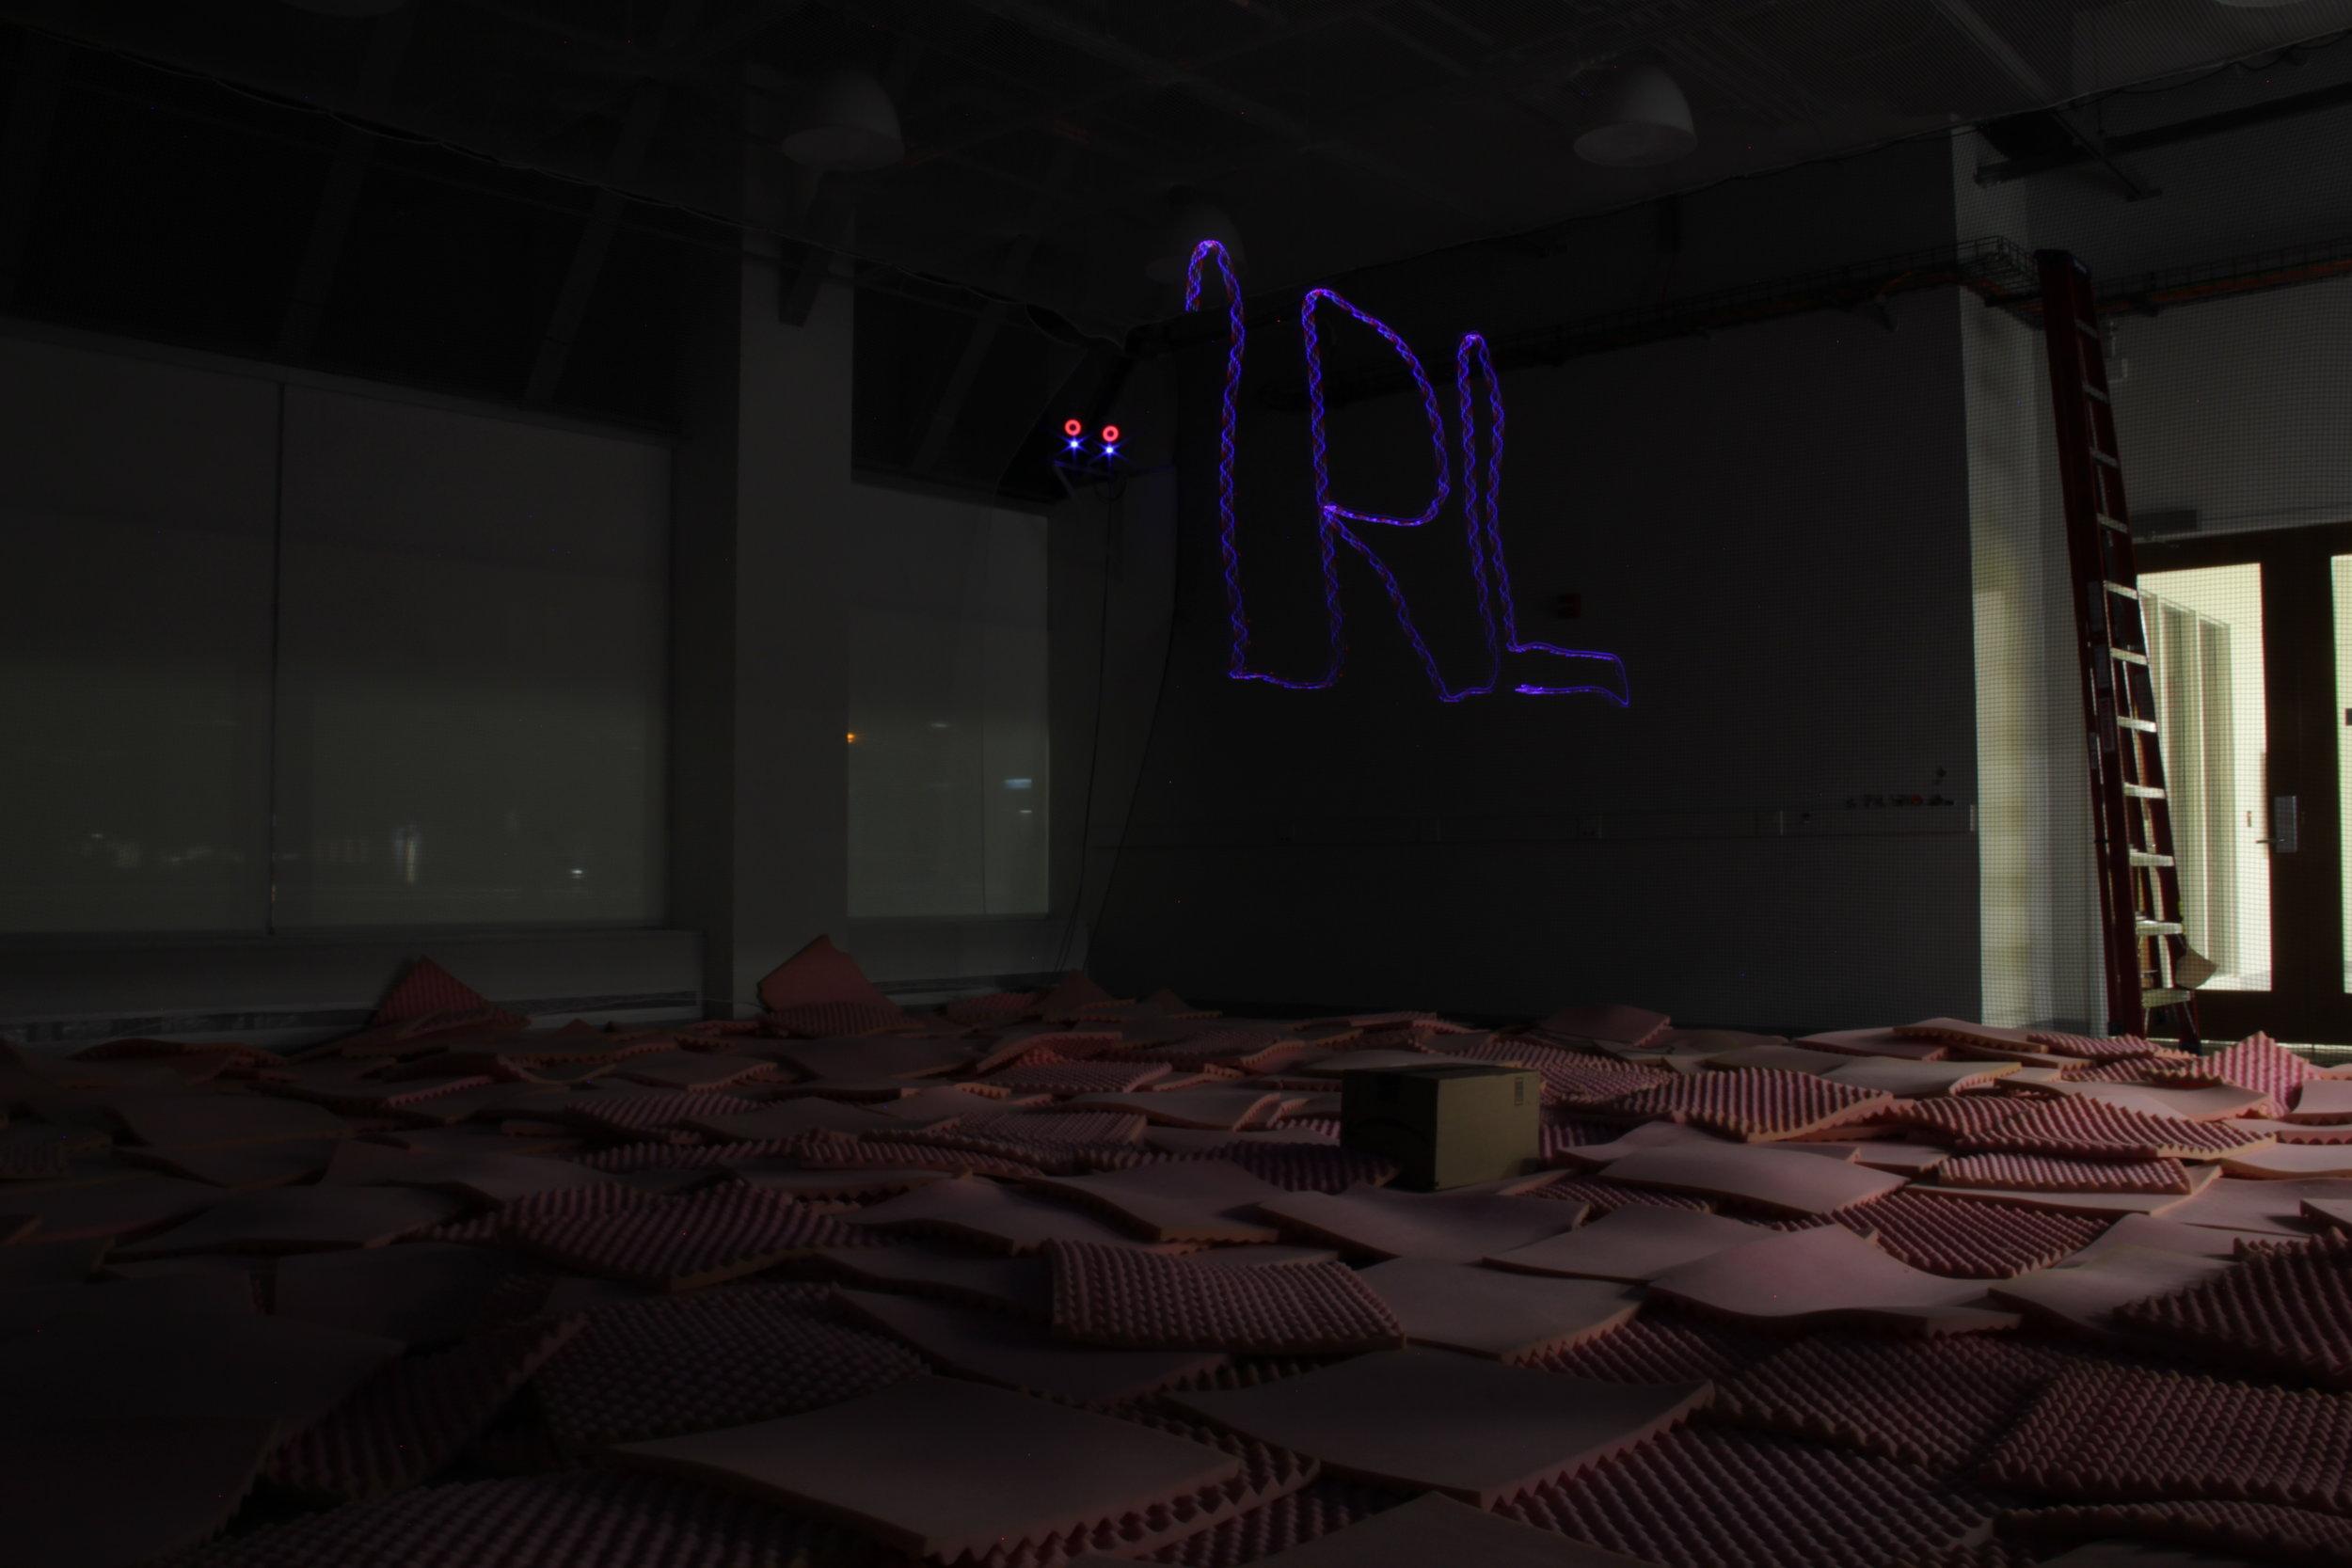 dronedraw_3.JPG